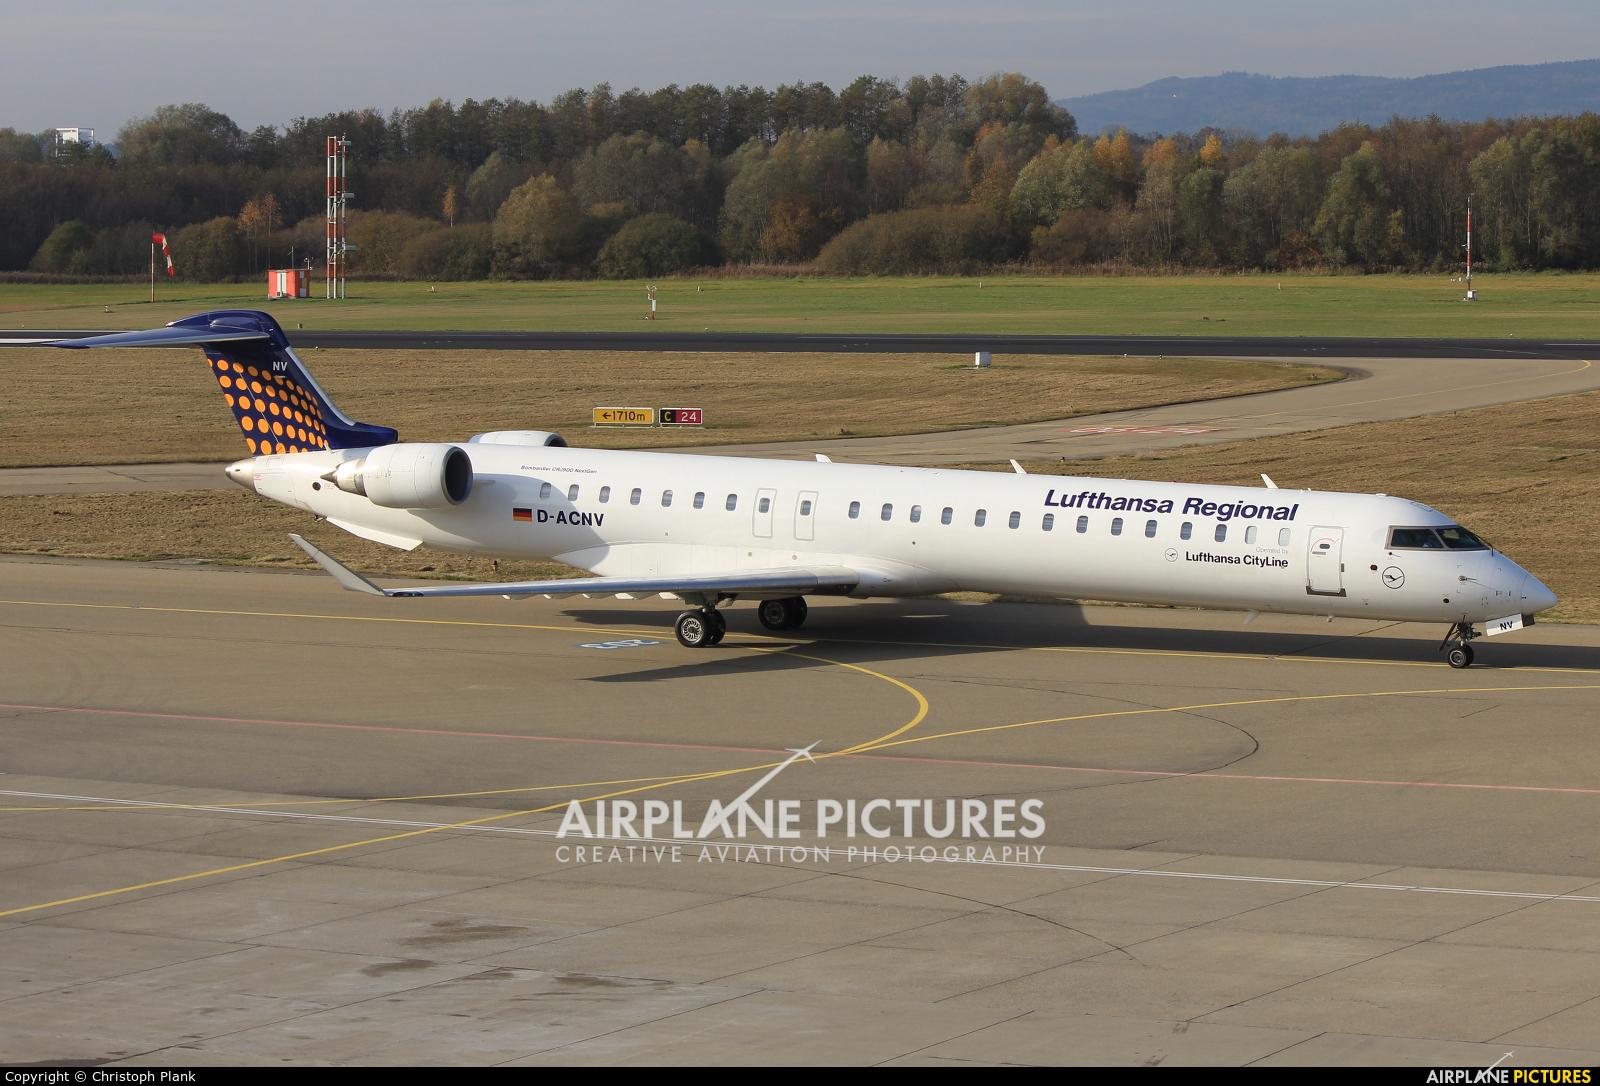 Lufthansa Regional - CityLine D-ACNV aircraft at Friedrichshafen